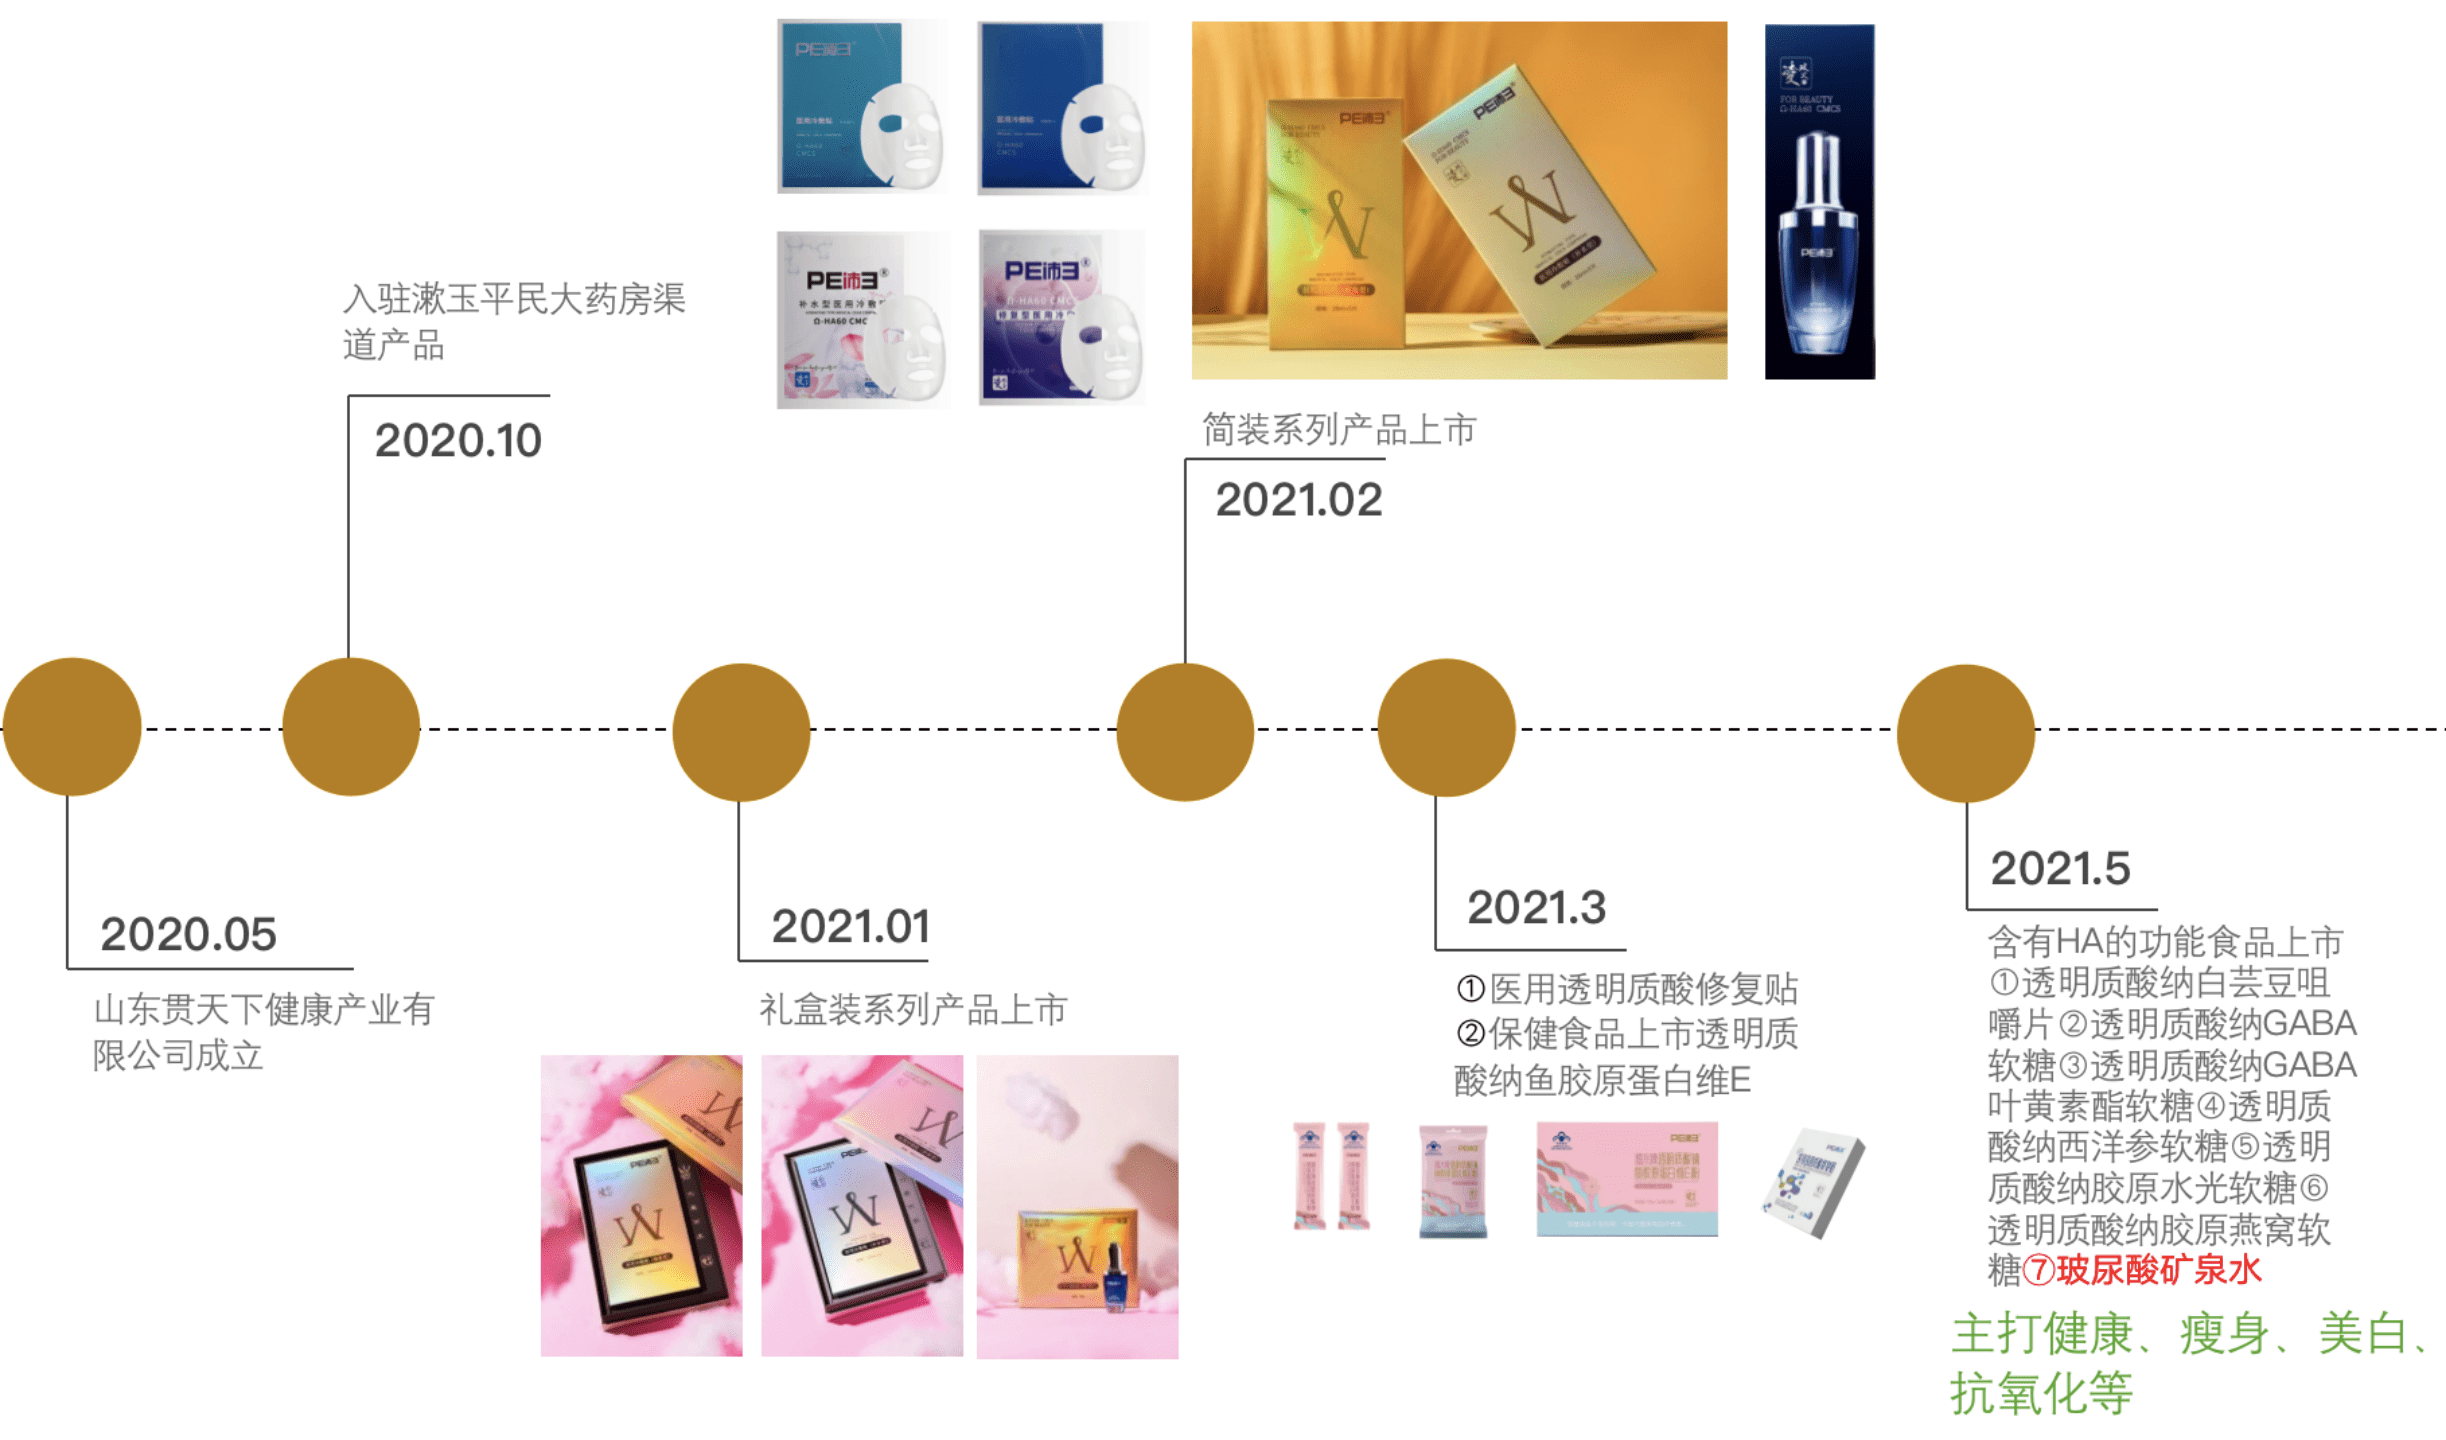 山东贯天下健康:打造美容护肤国产高端品牌